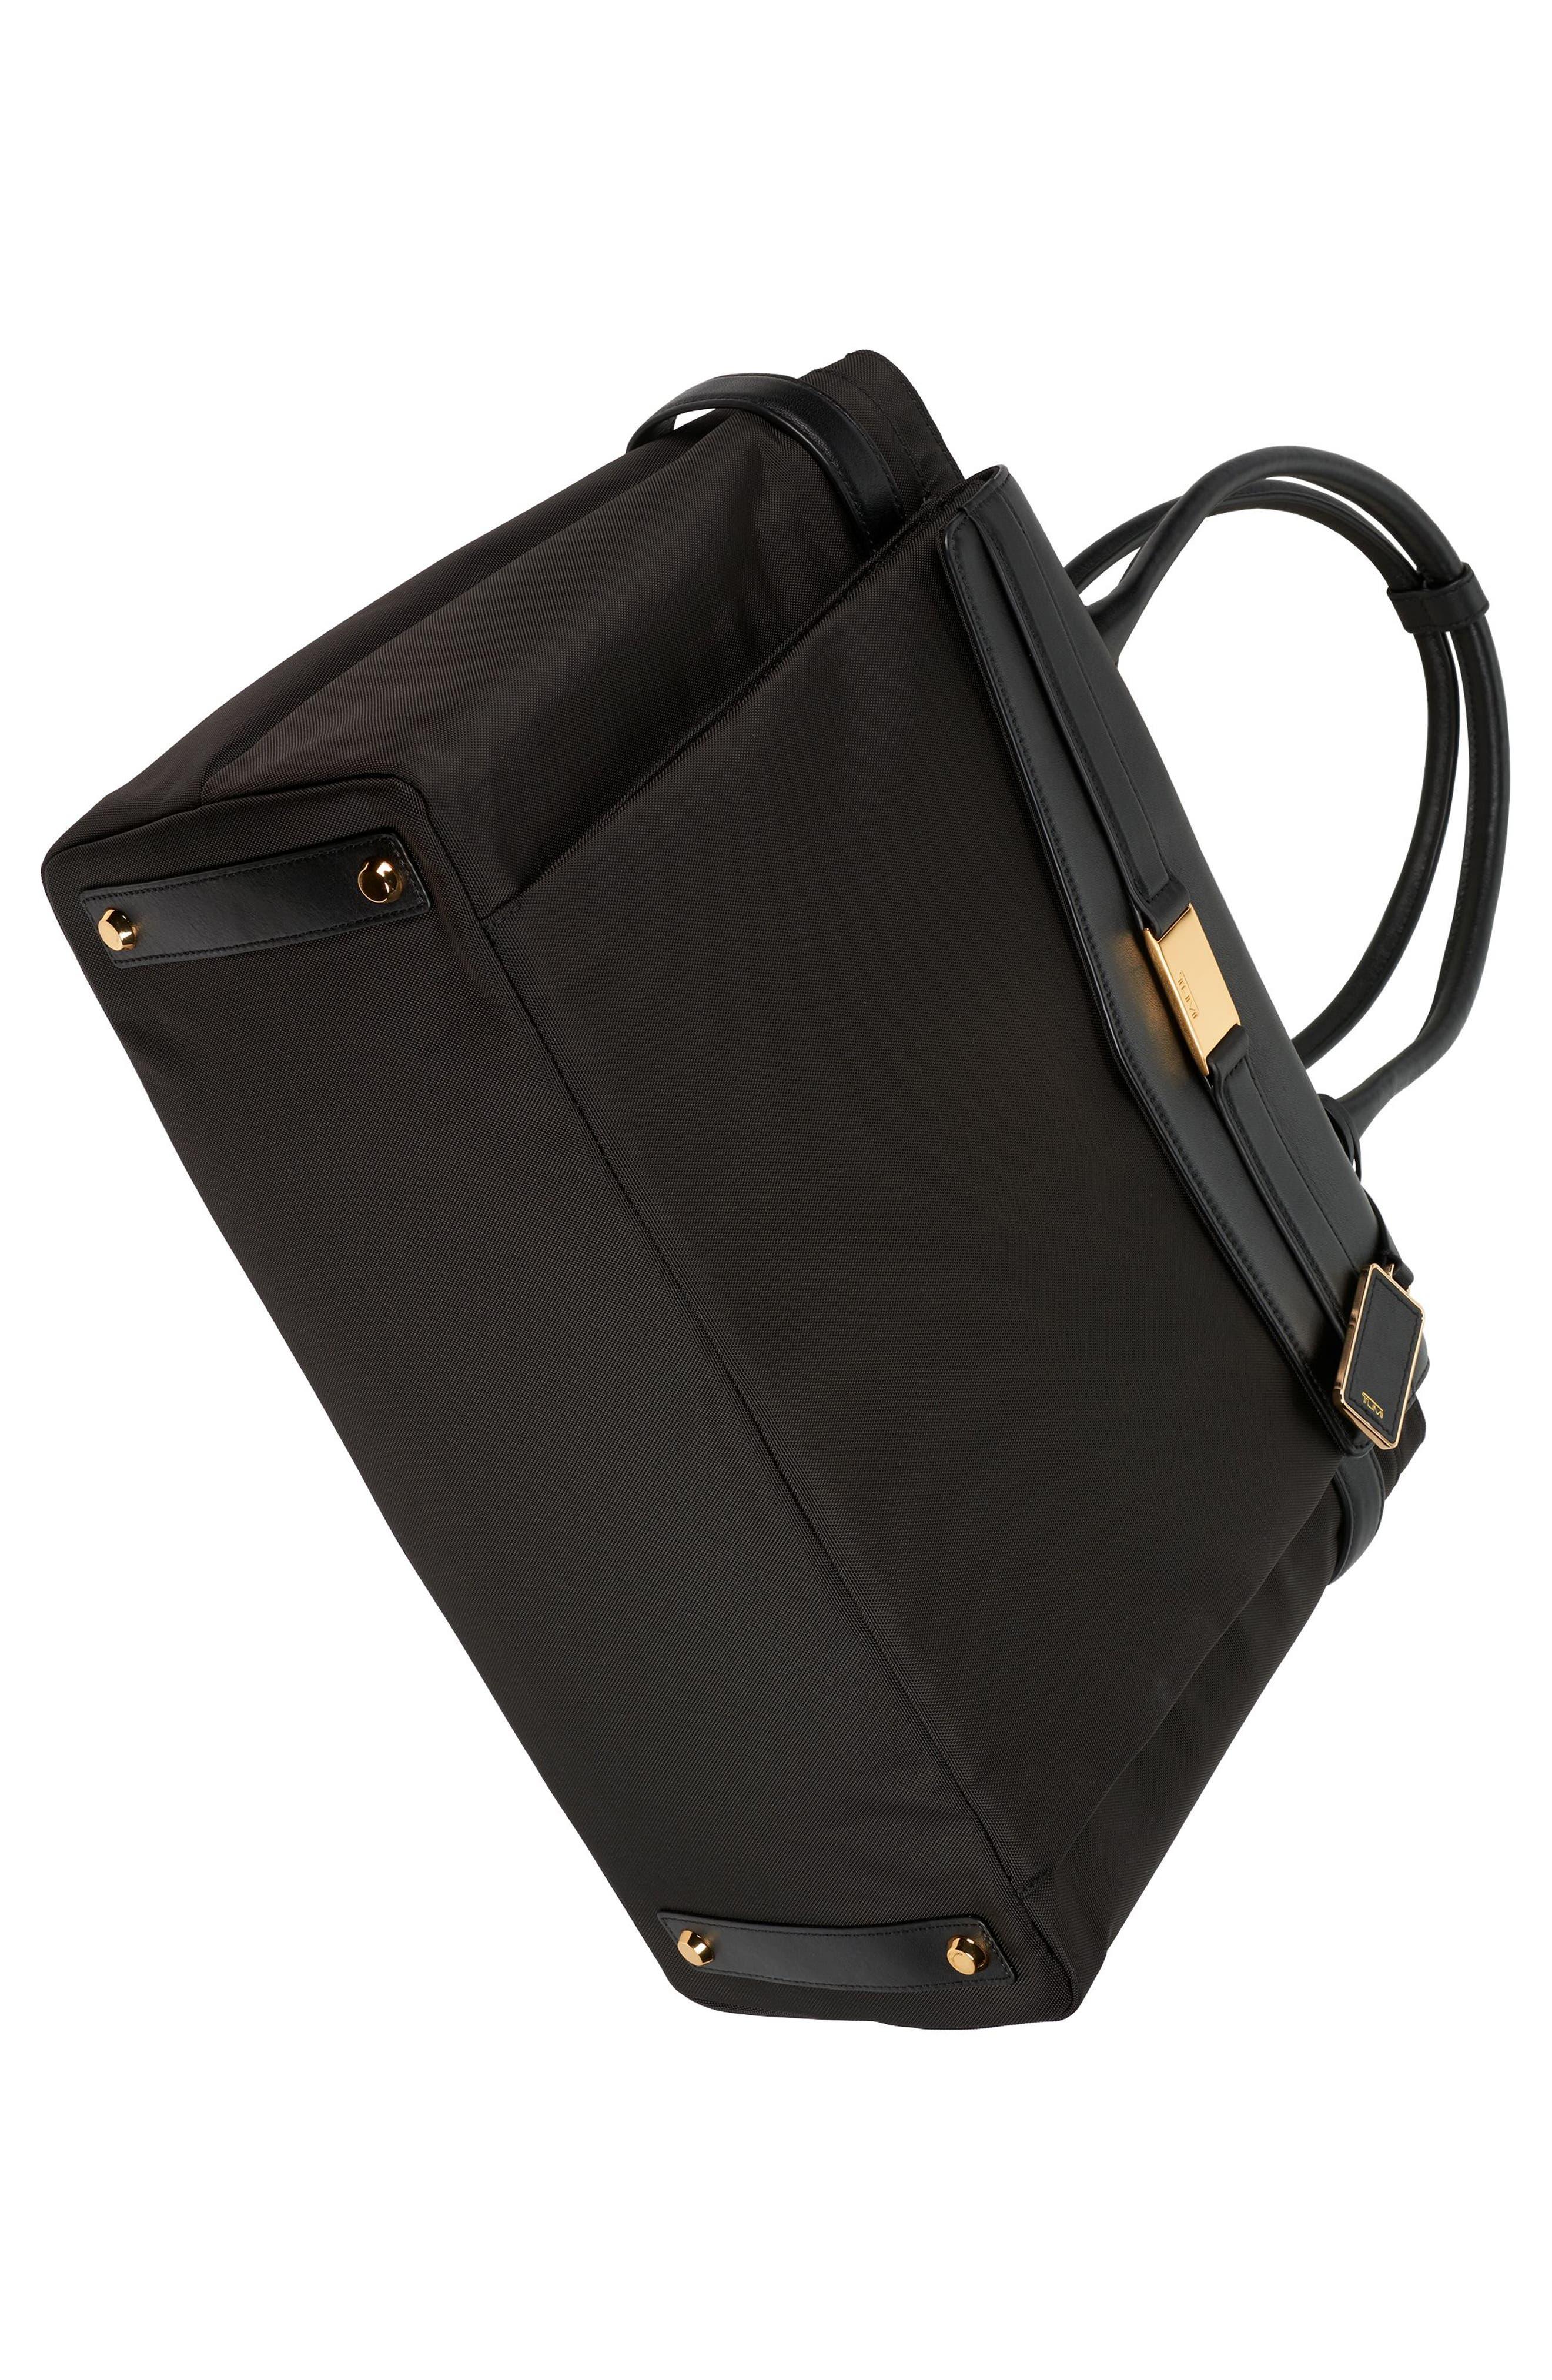 Larkin - Hayward Triple Compartment Nylon Laptop Tote,                             Alternate thumbnail 5, color,                             Black